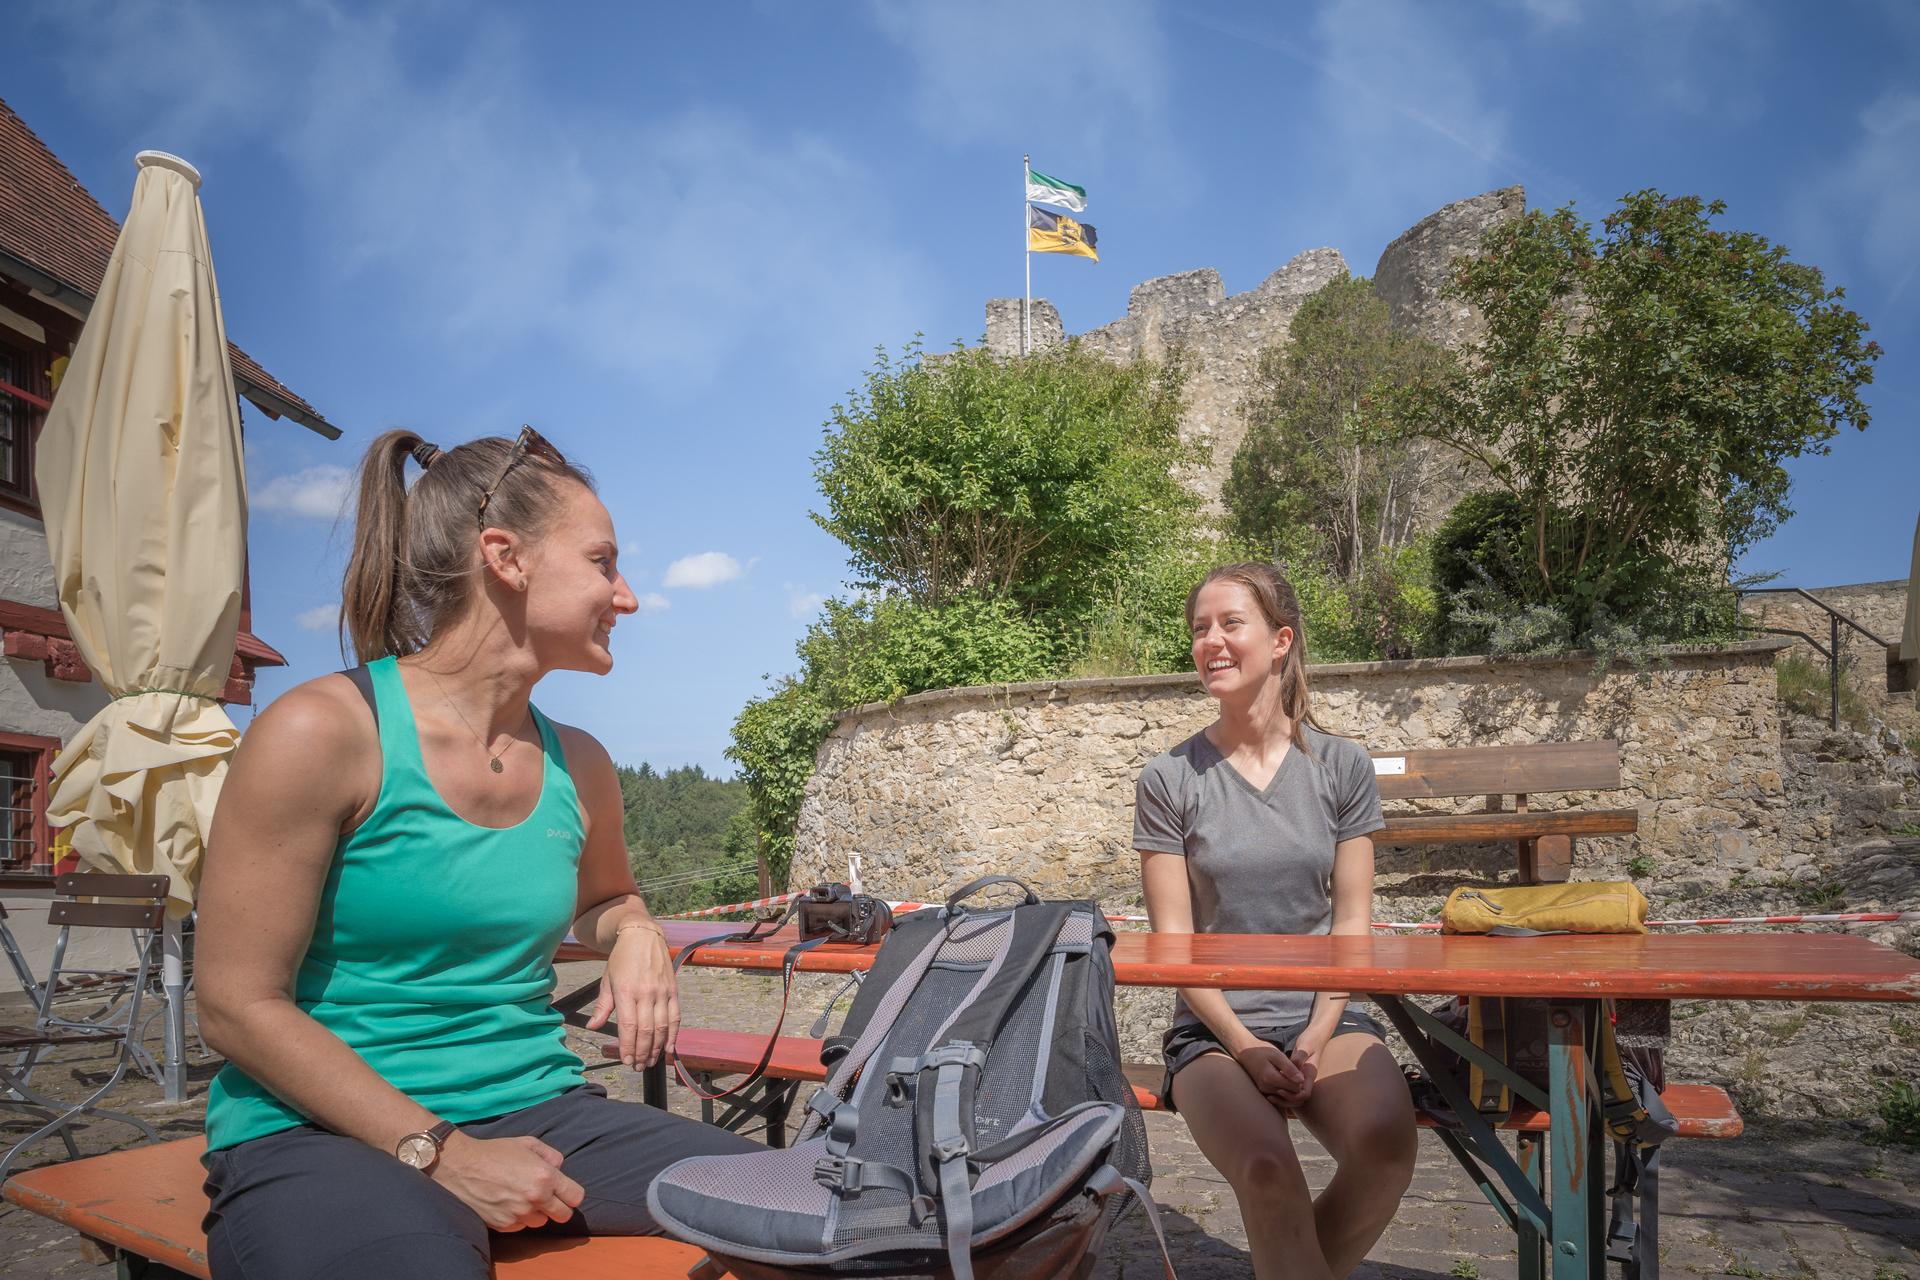 Zwei Wanderer*innen sitzen sich auf Bierbänken an einem Tisch gegenüber und lächeln sich an. Dahinter ist eine Burg mit zwei wehenden Flaggen. Der Himmel ist blau.